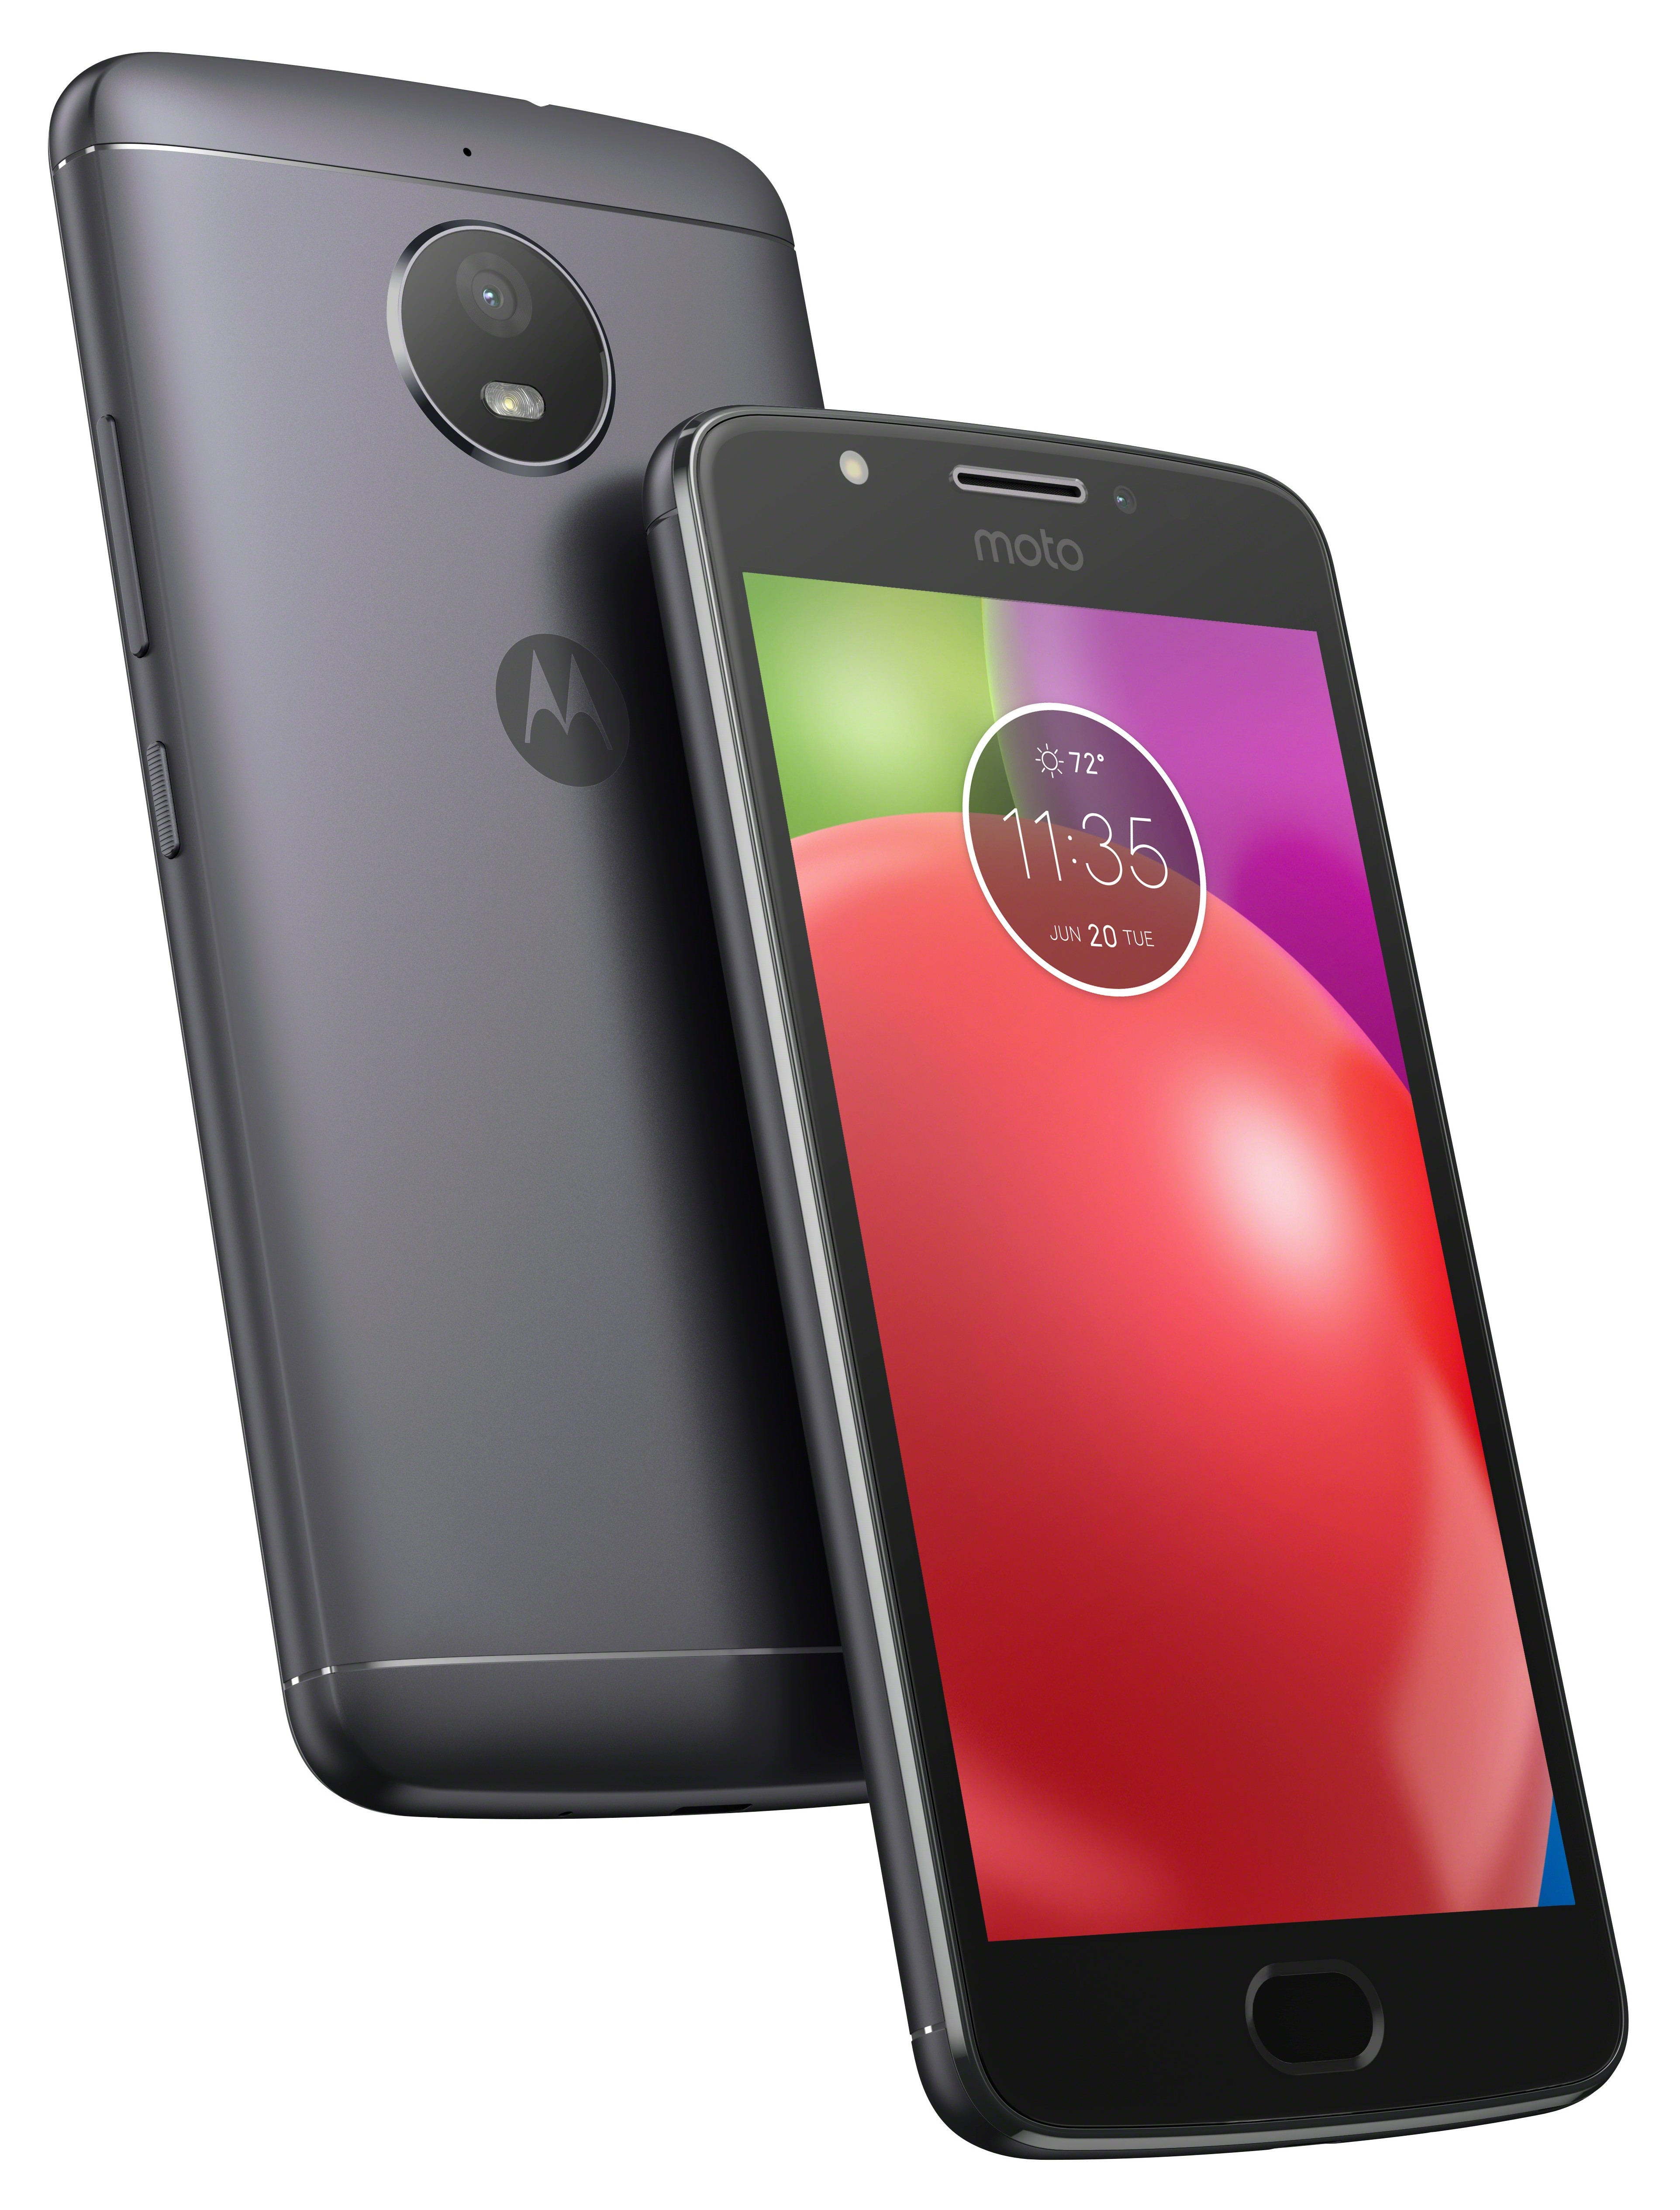 Motorola Moto E4